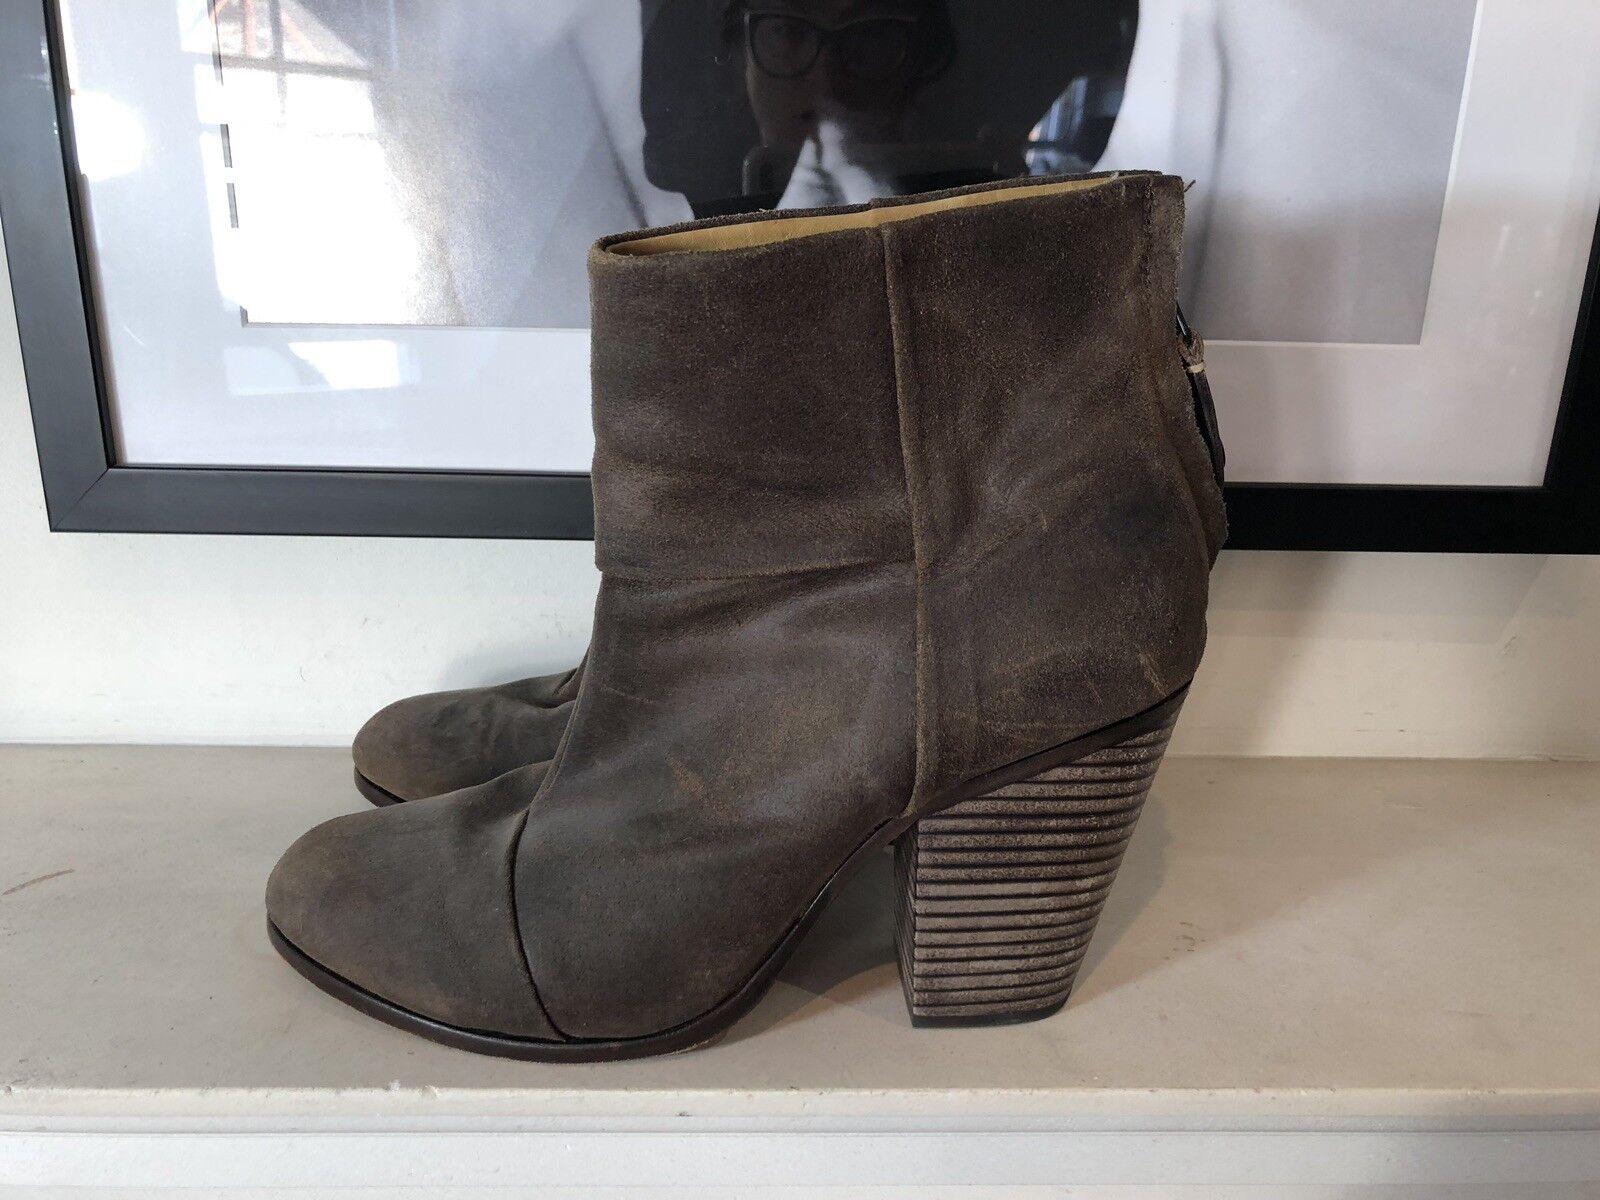 Rag And Bone Bone Bone Margot Suede Ankle Stiefel ed91f6